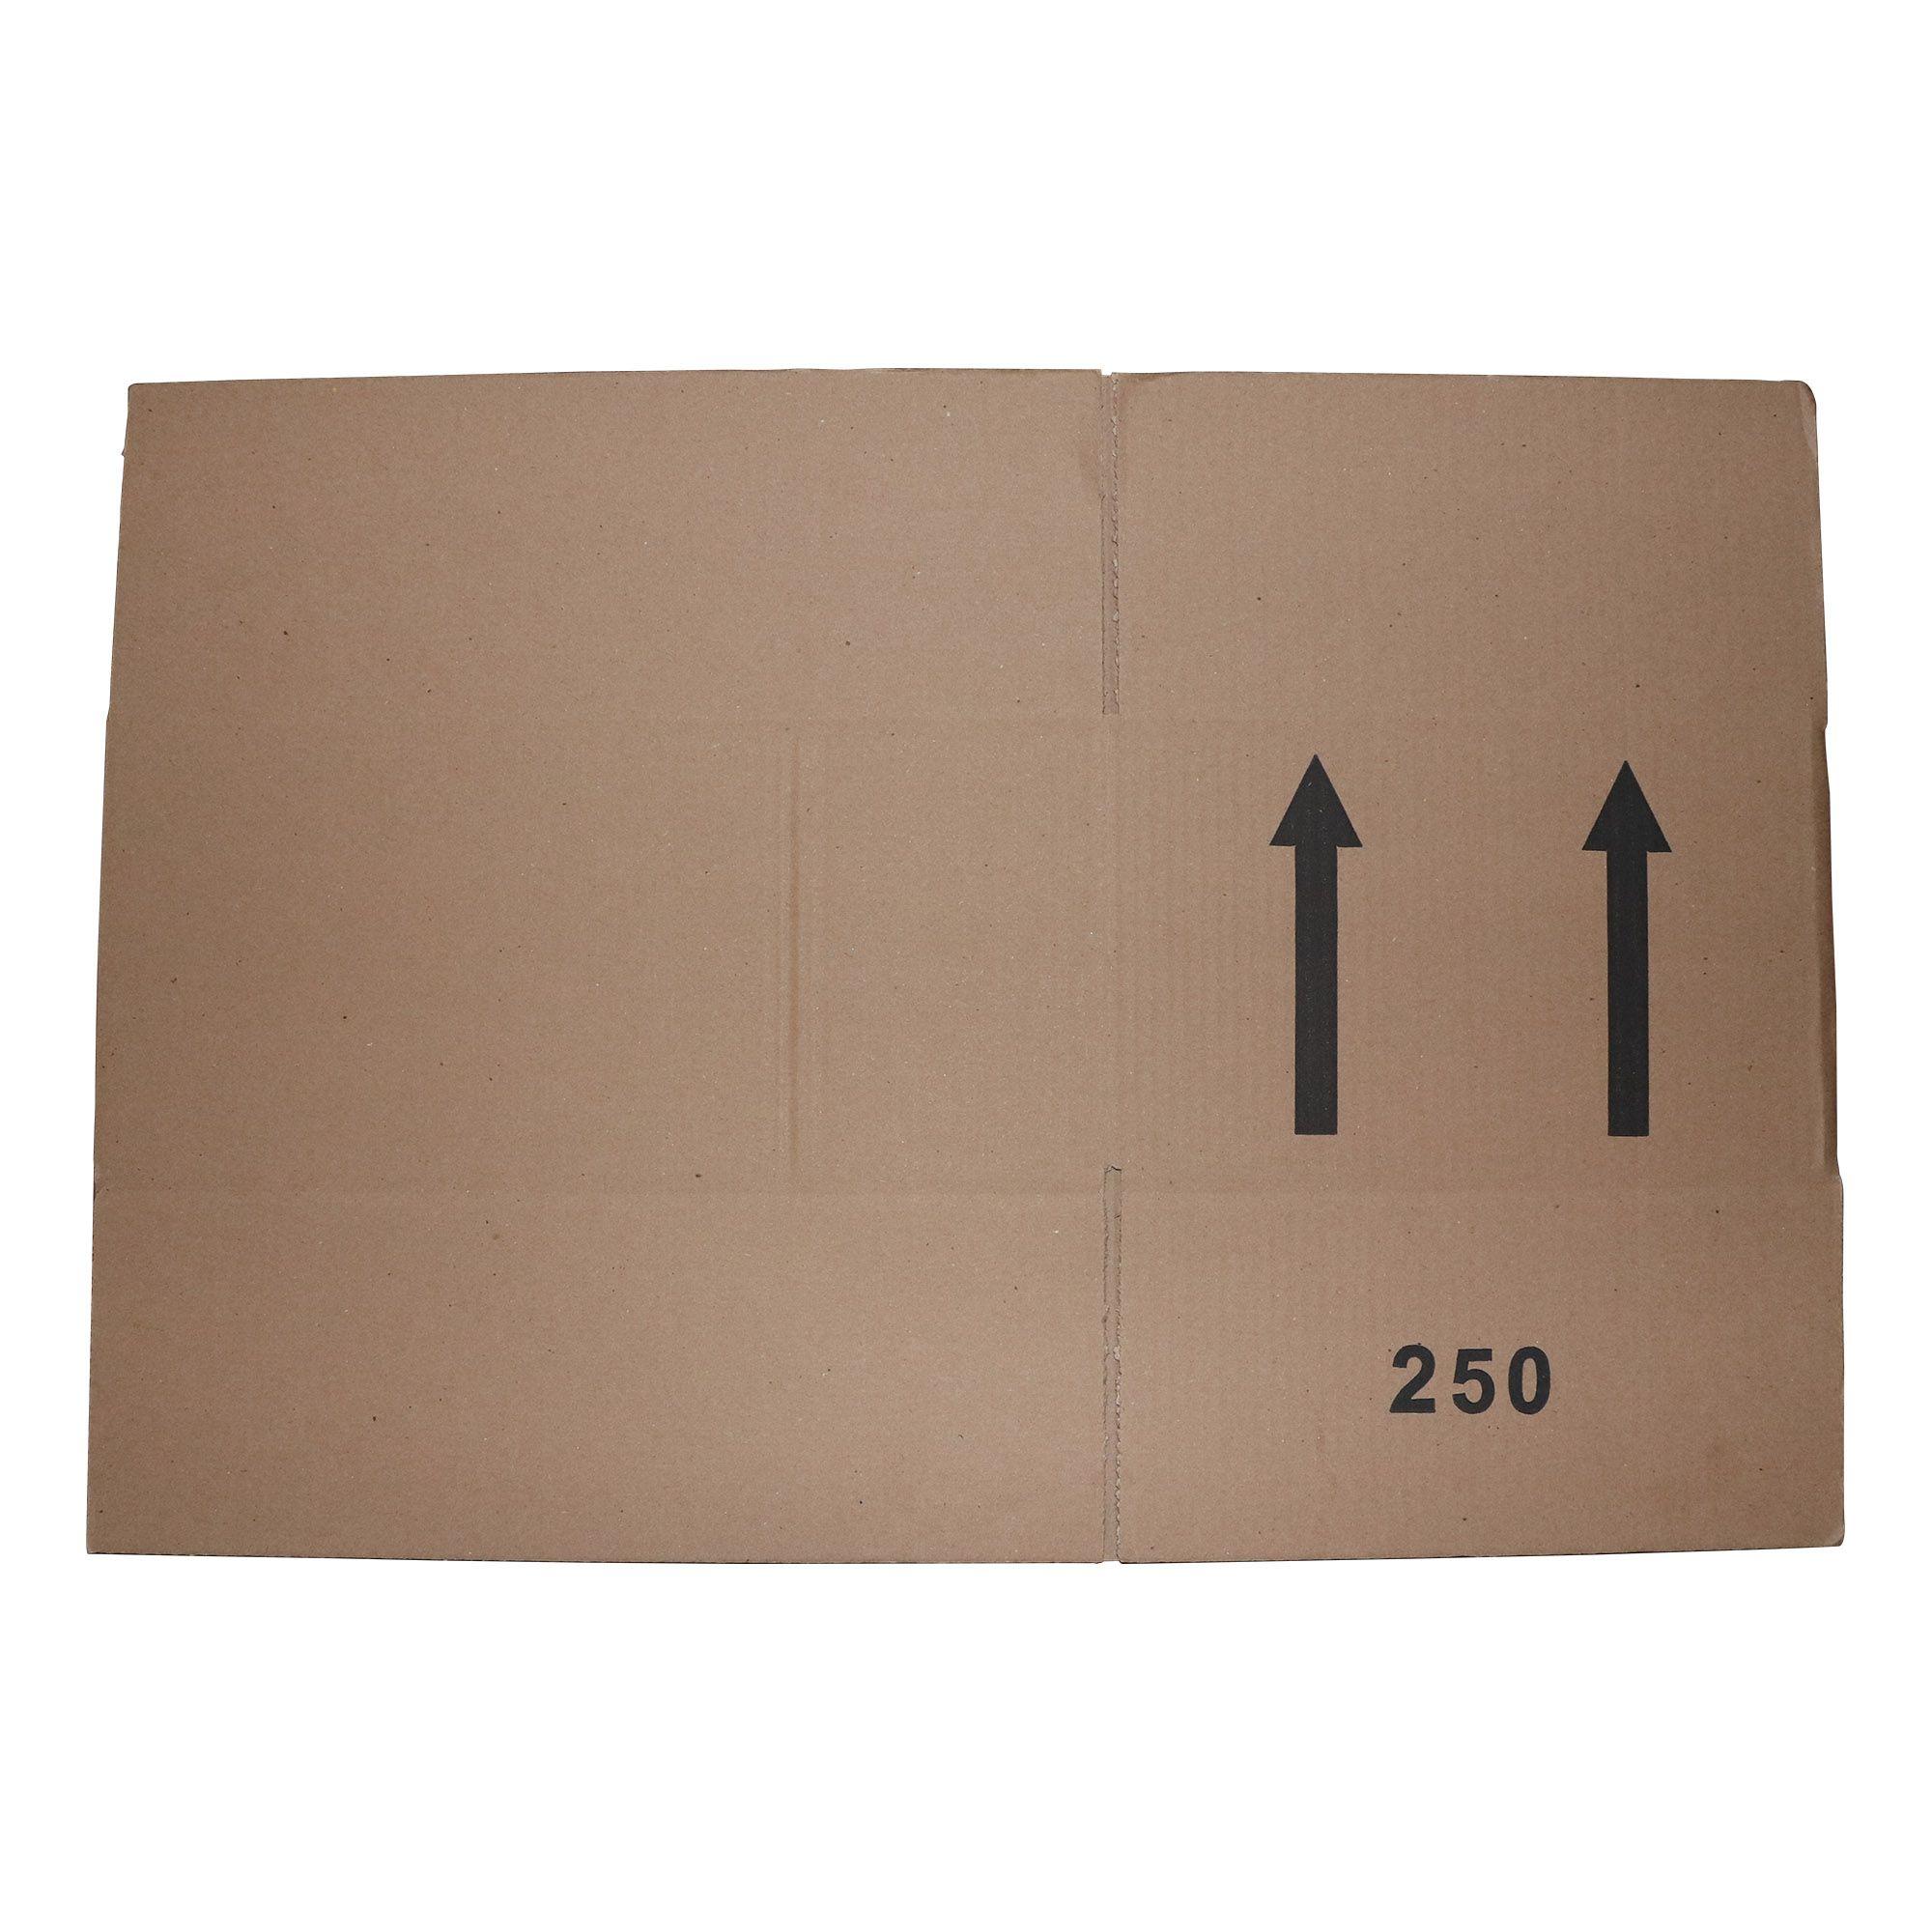 Caixa de Papelão N°250 (18x41x29)